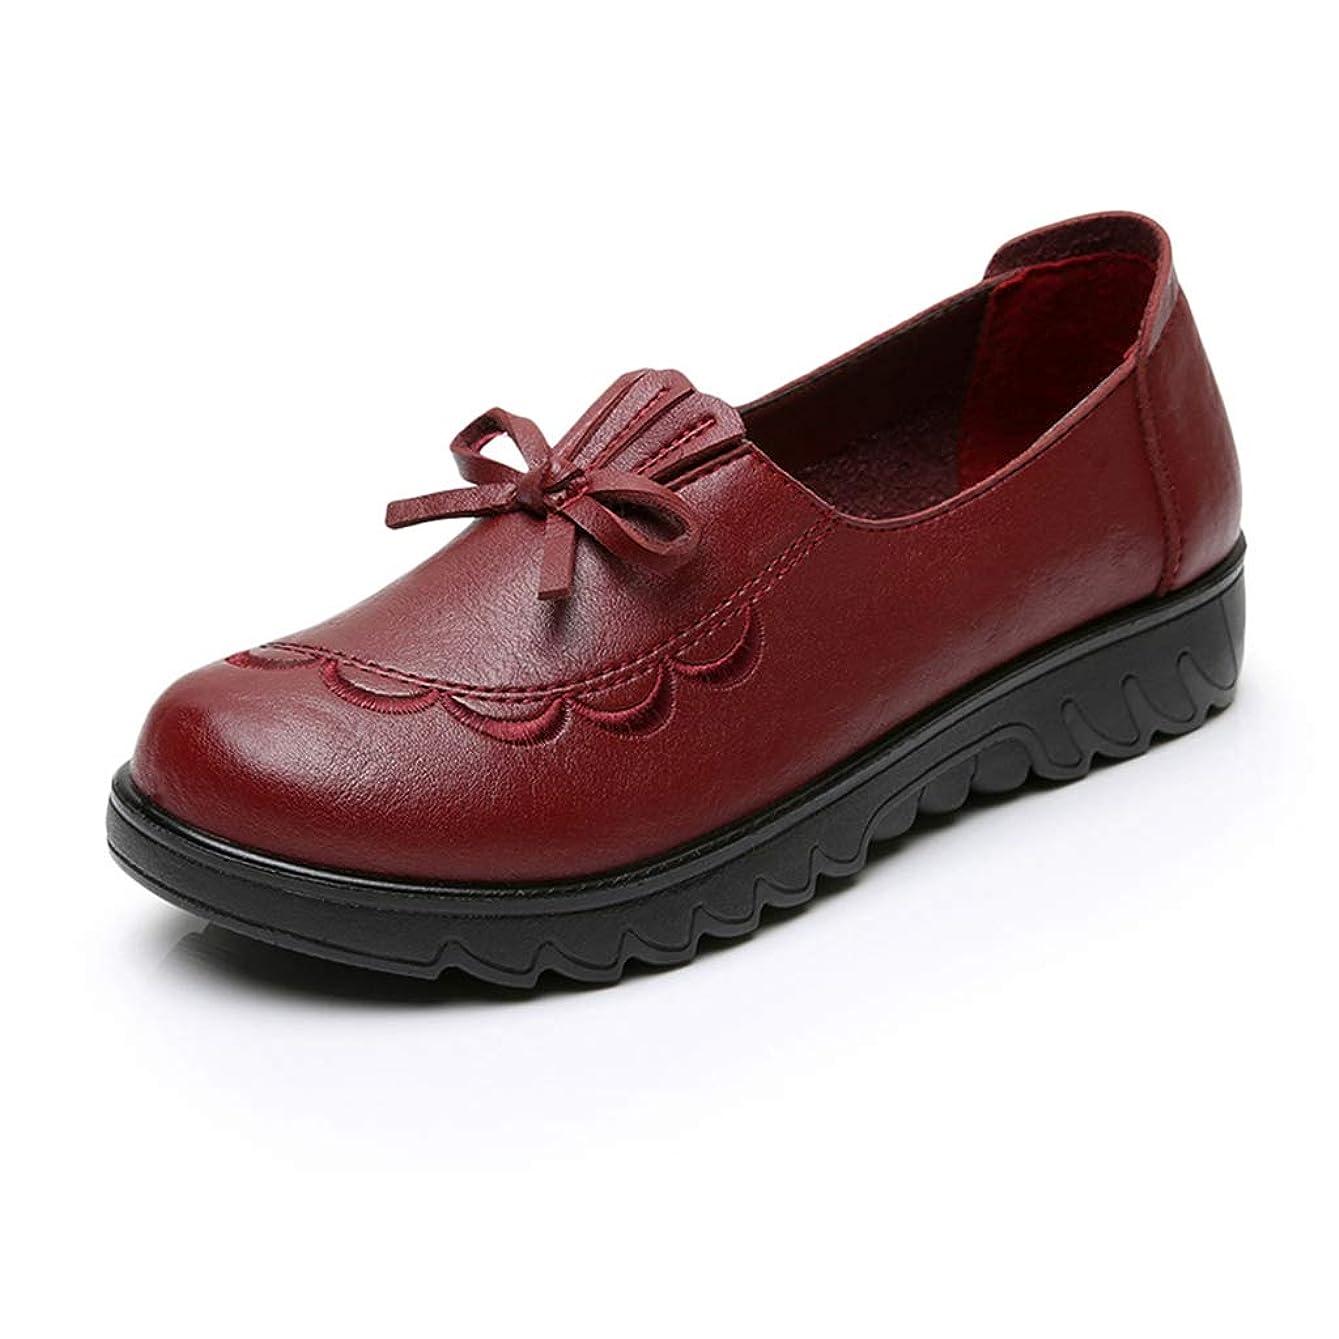 演劇発信殺します[実りの秋] シニアシューズ レディース 26.0CMまで お年寄りシューズ リボン 疲れにくい 滑り止め 婦人靴 モカシン 介護用 軽量 安定感 通気性 高齢者 母の日 敬老の日 通年